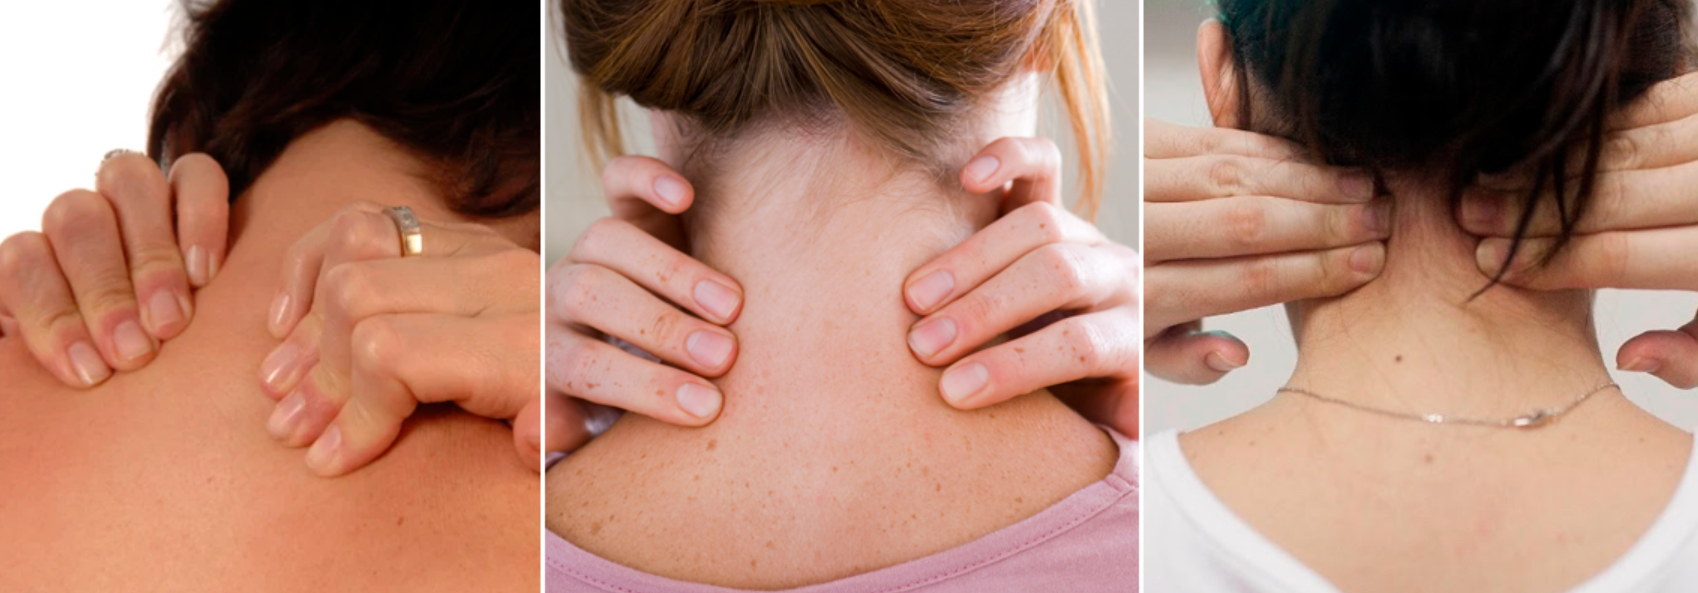 mulheres fazendo massagem seu pescoço